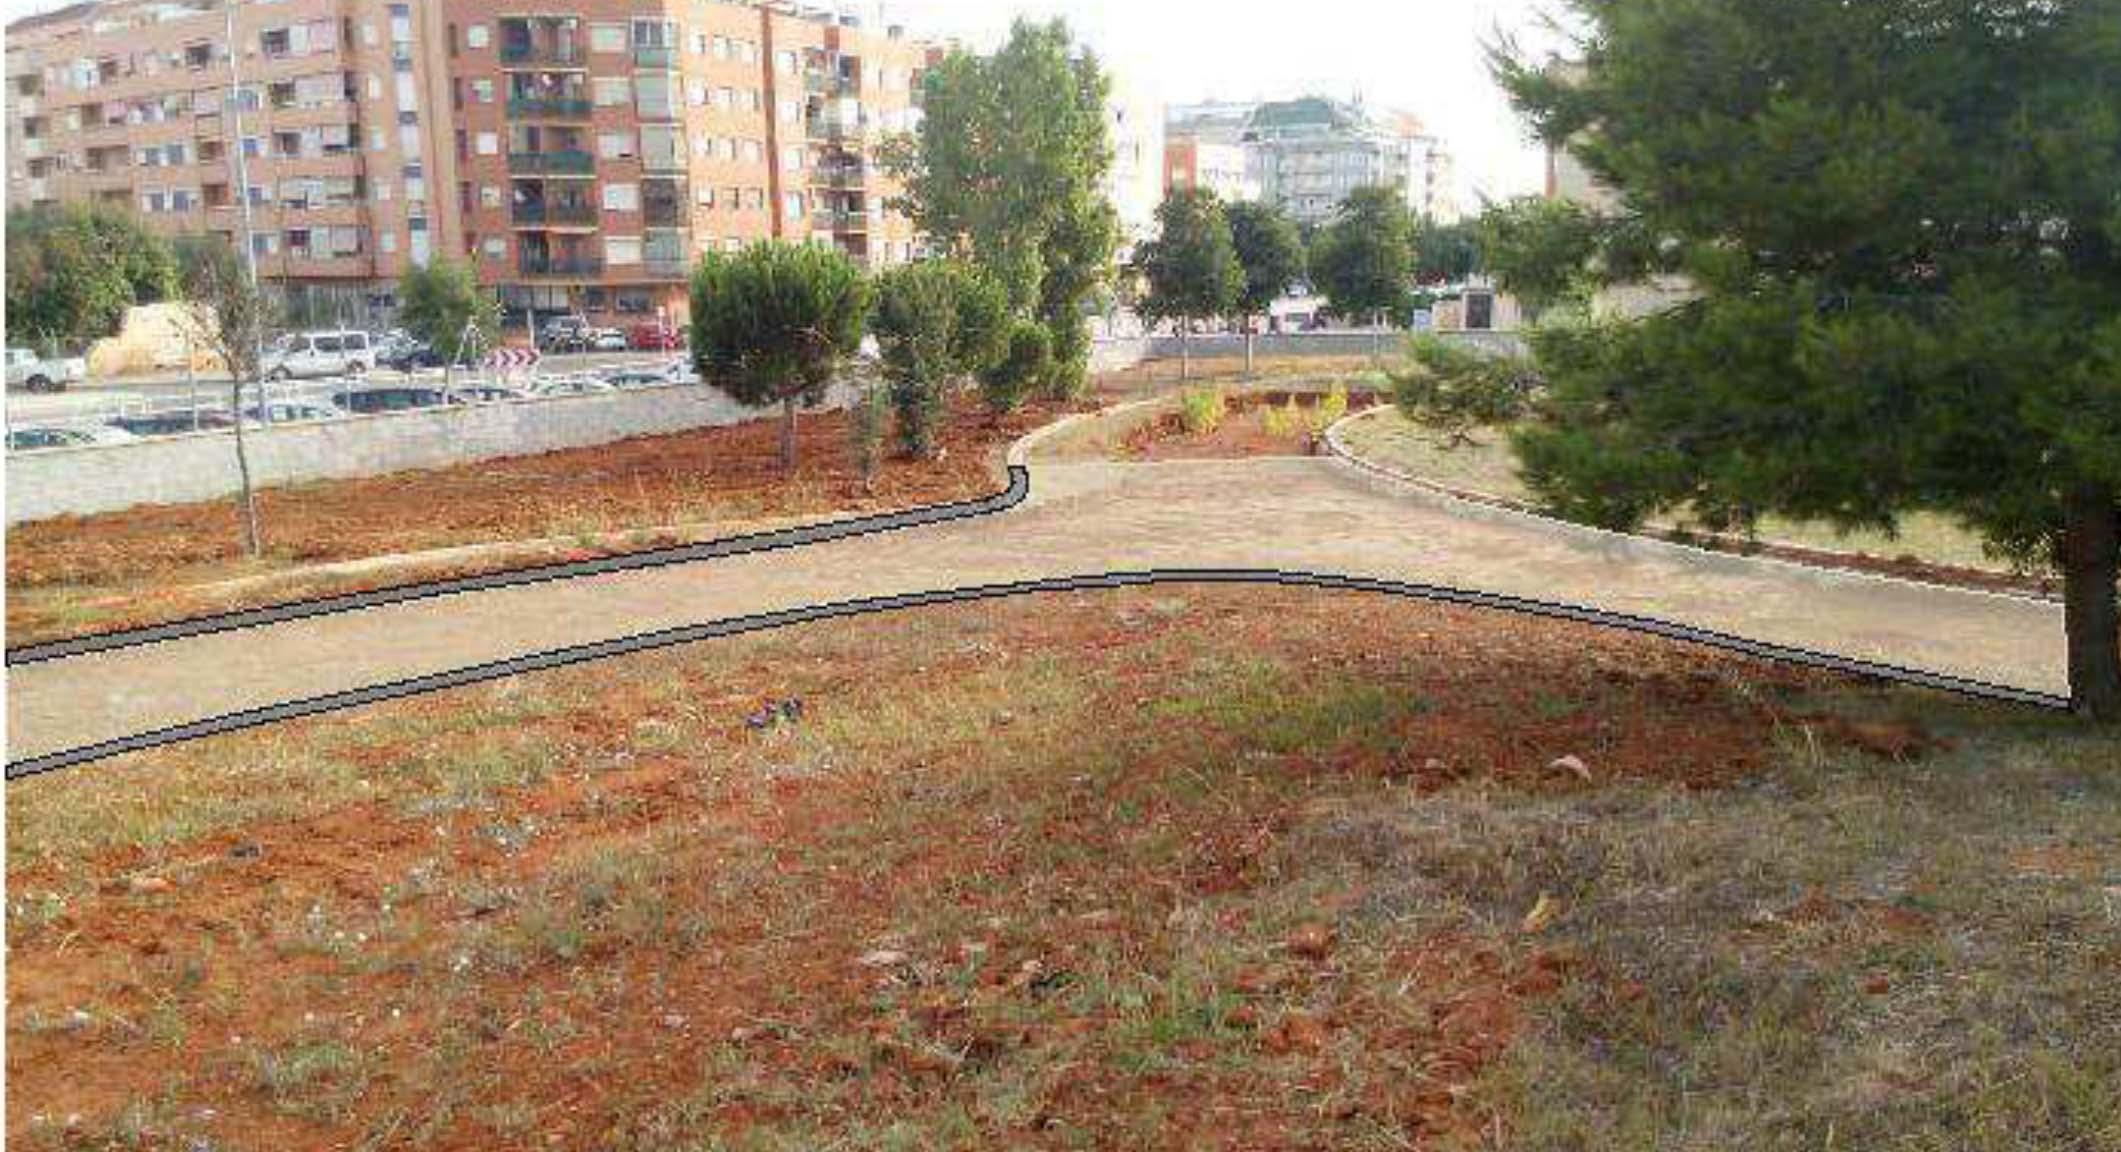 La primera actuación en el Bosc de Diana consistirá en la creación de una senda peatonal en ...